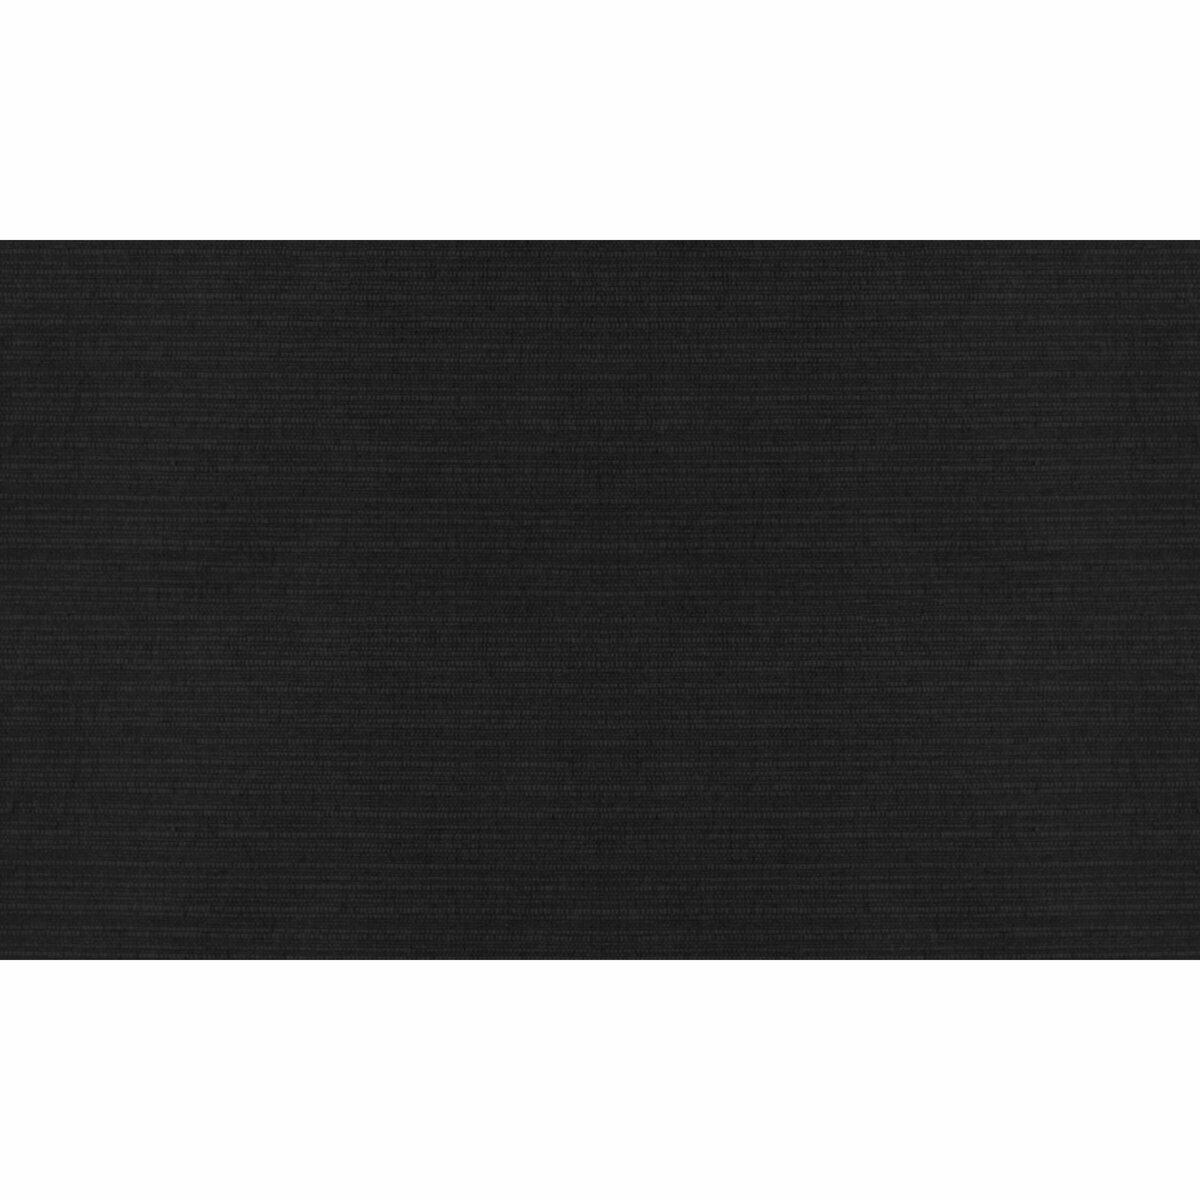 Bild 3 von Bank-Auflage    Unico 140x45cm, anthrazit